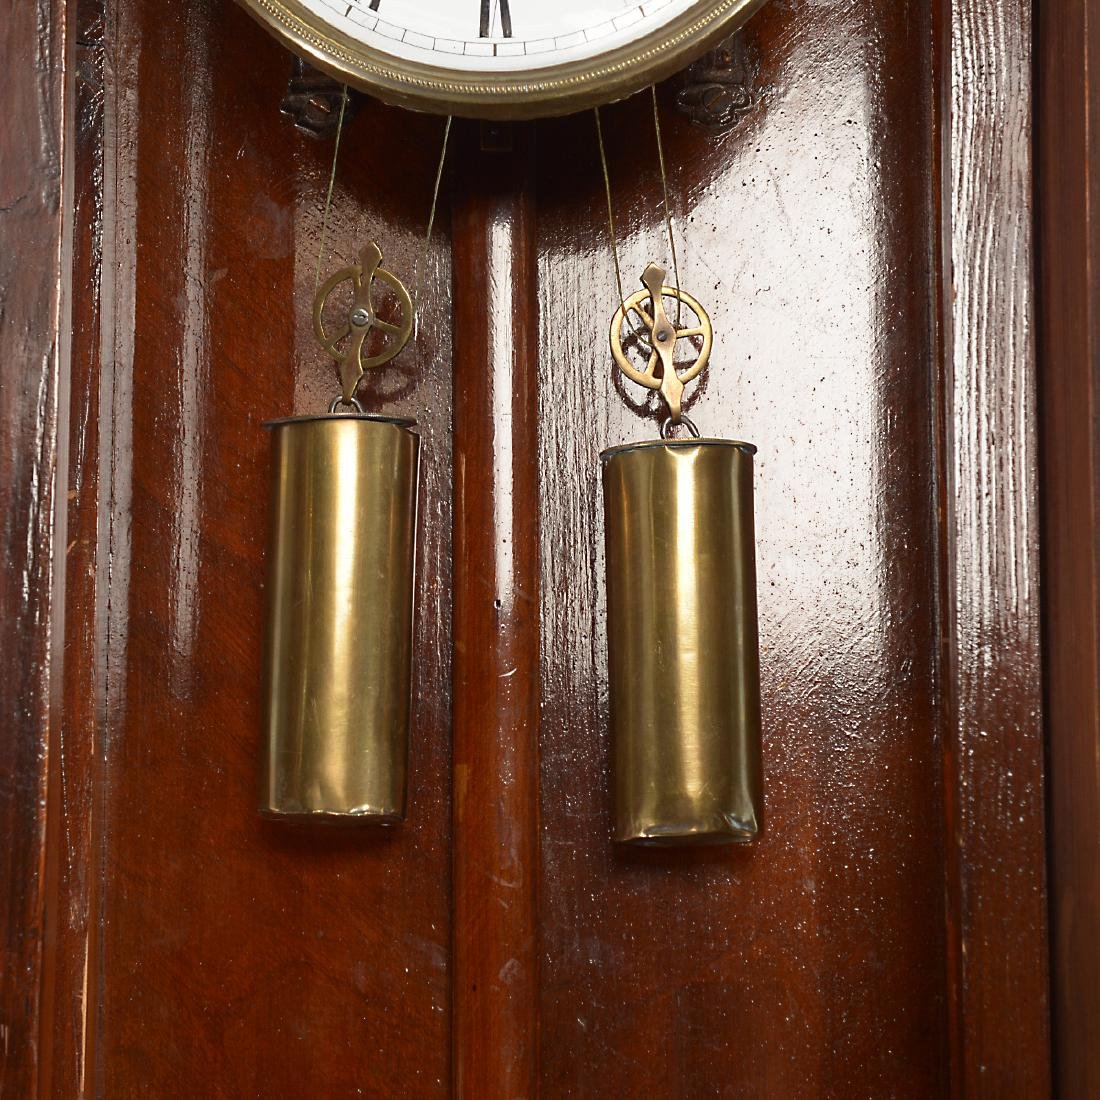 Renaissance Revival Walnut Cased Regulator Clock - 5